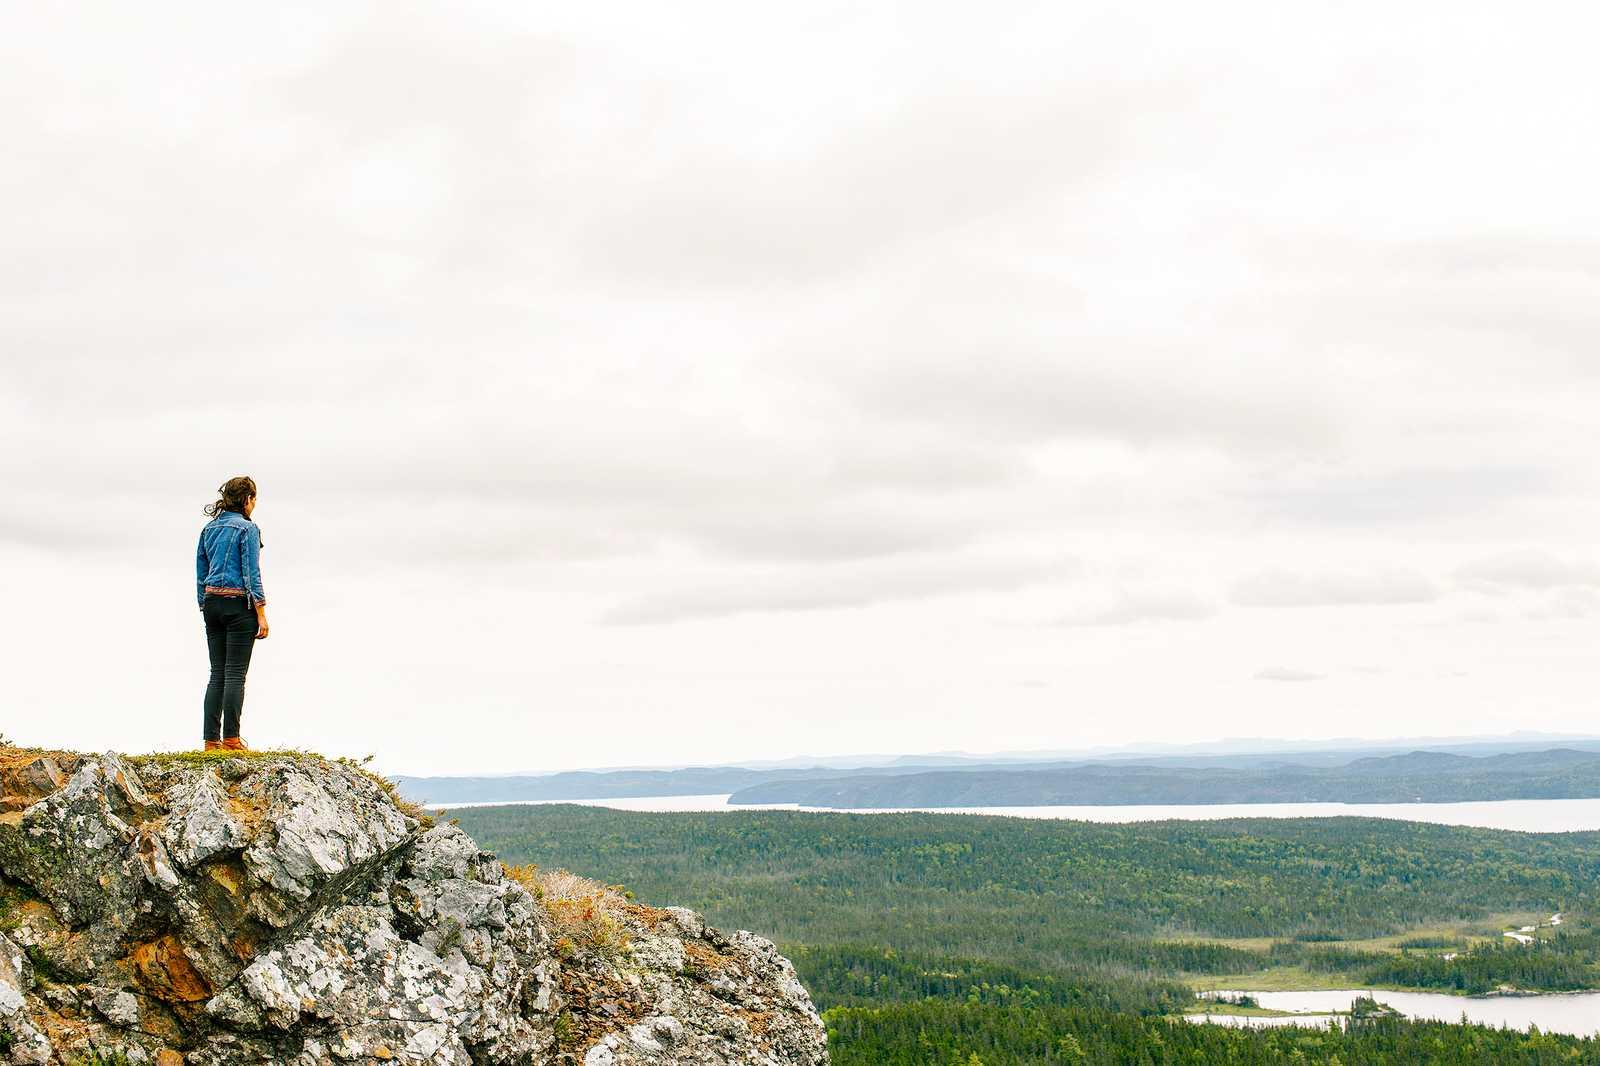 Ausblick auf die Weite des Terra Nova National Park